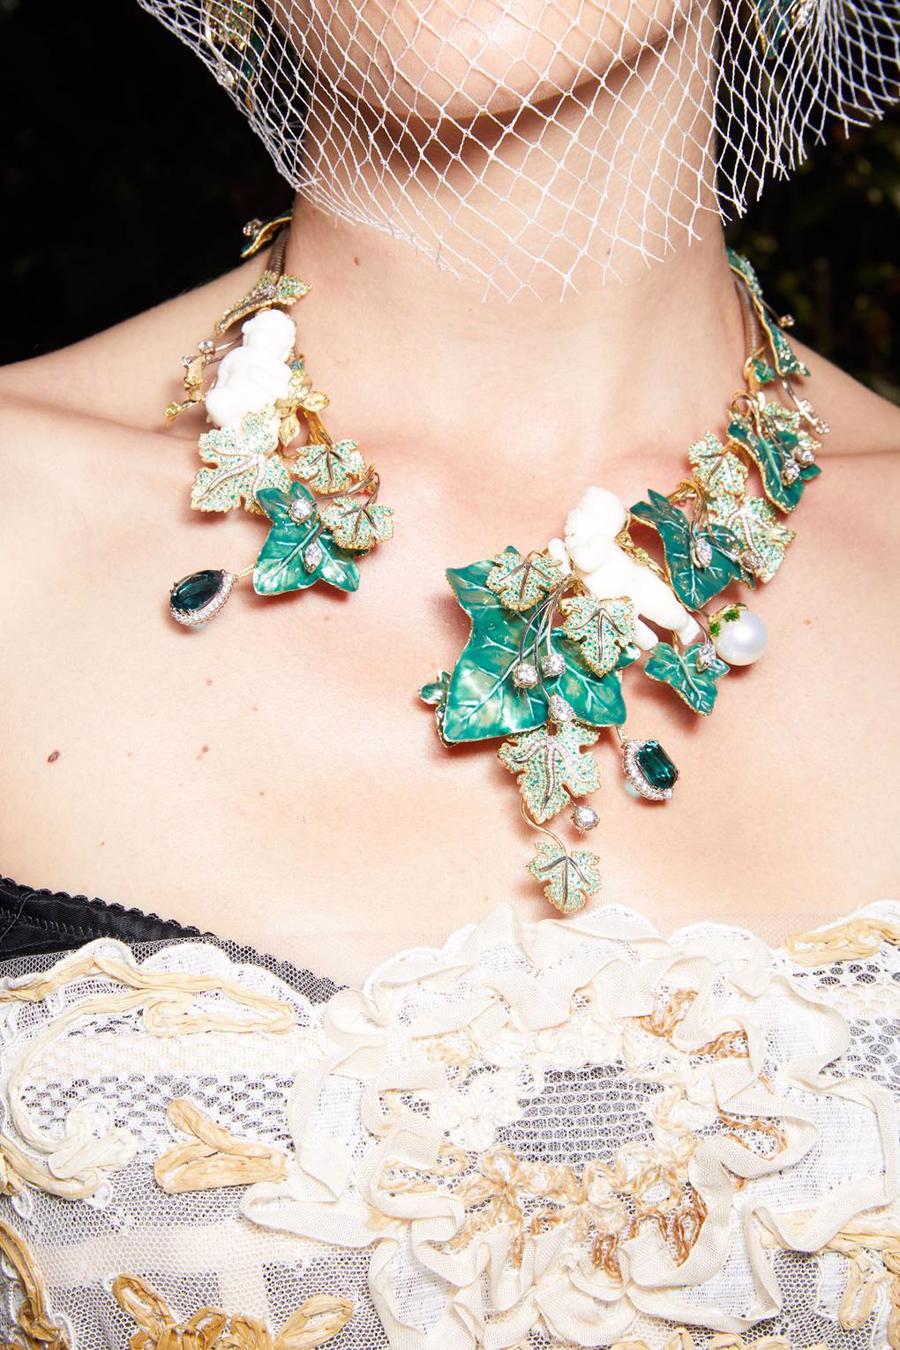 Thế giới chứng kiến những gì sau bữa tiệc xa hoa của Dolce & Gabbana? - Ảnh 3